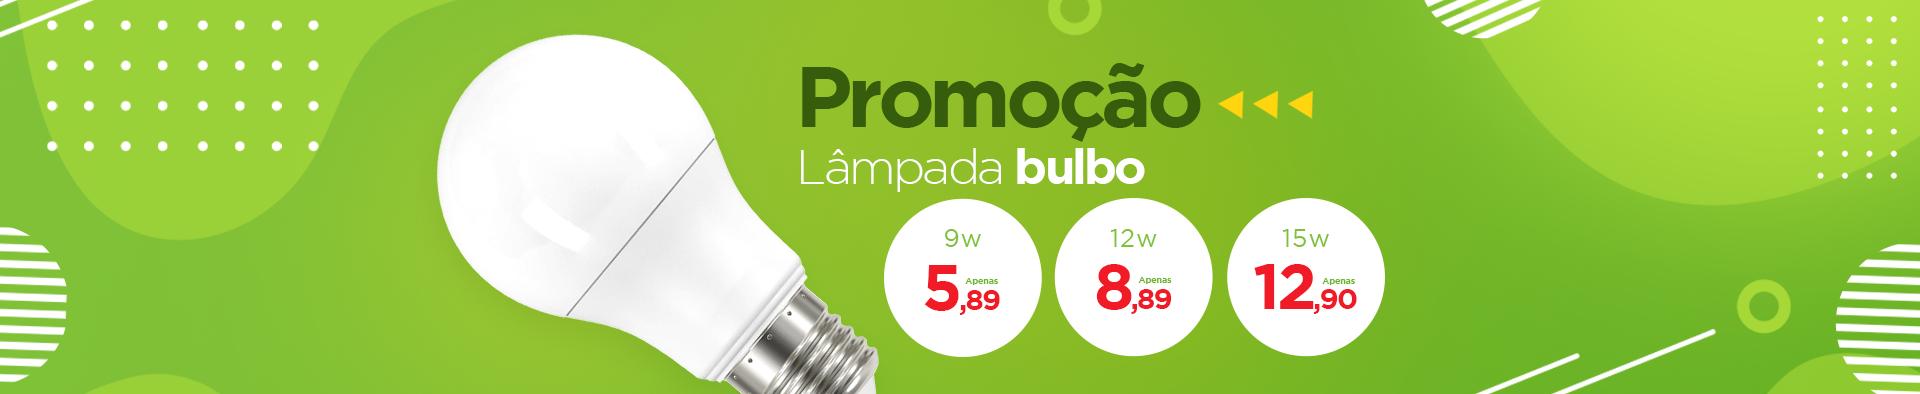 banner-lampada-bulbo-varejo-site